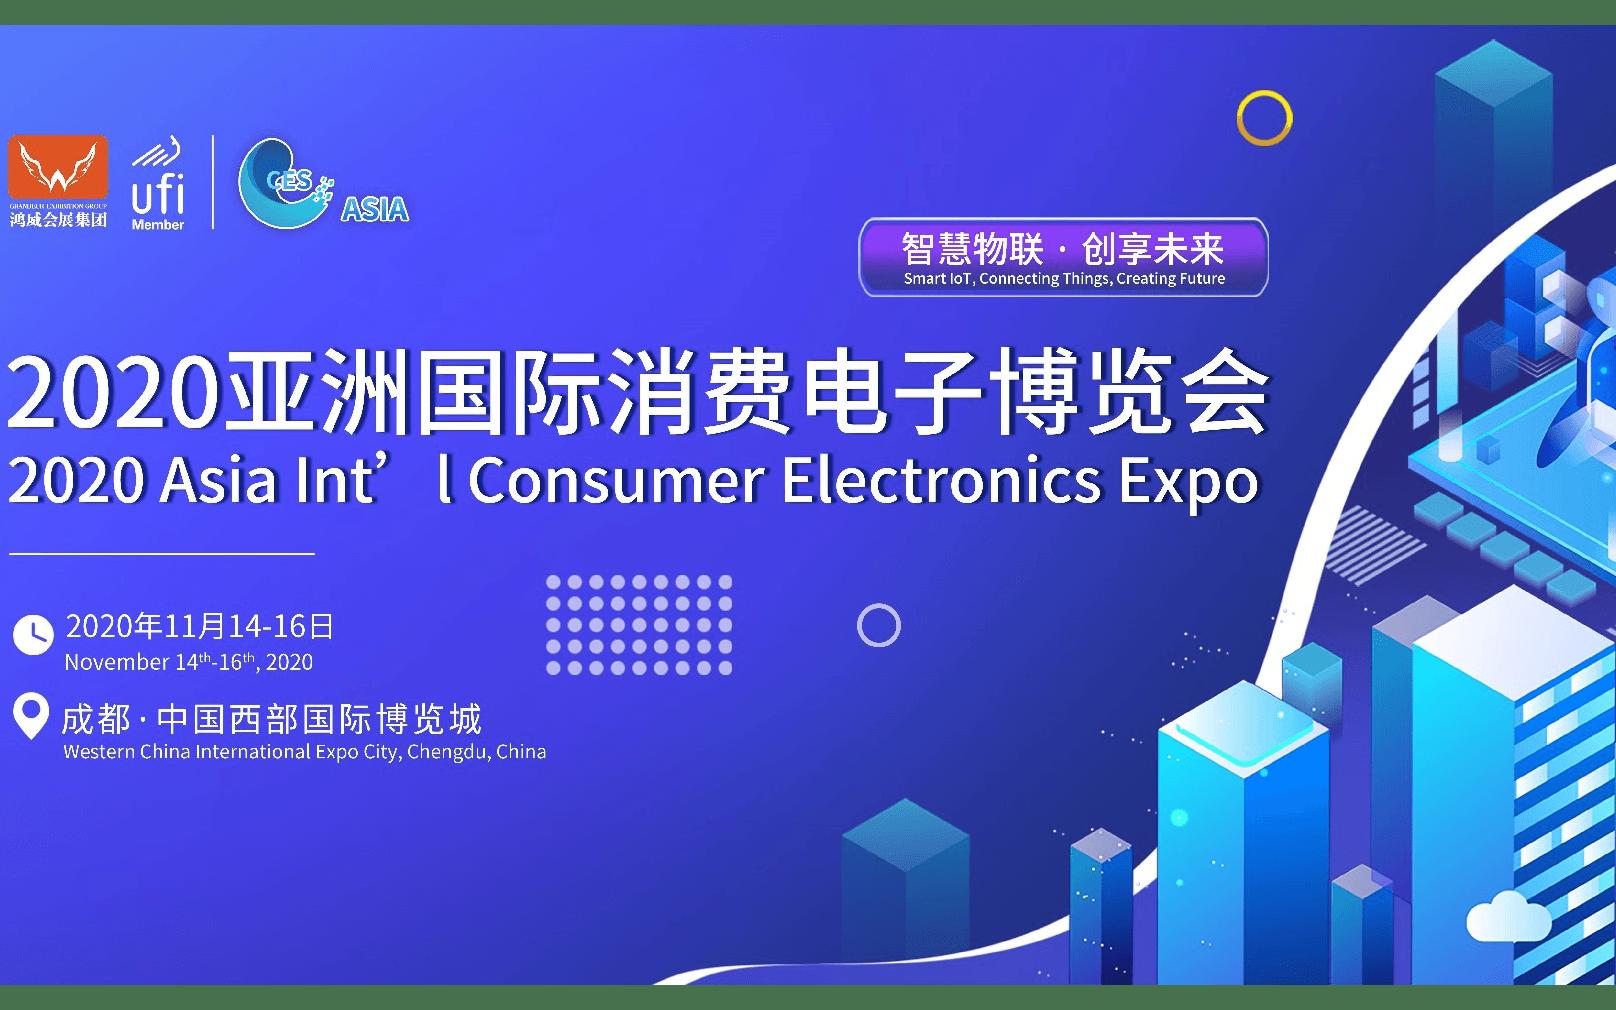 2020亚洲国际消费电子展